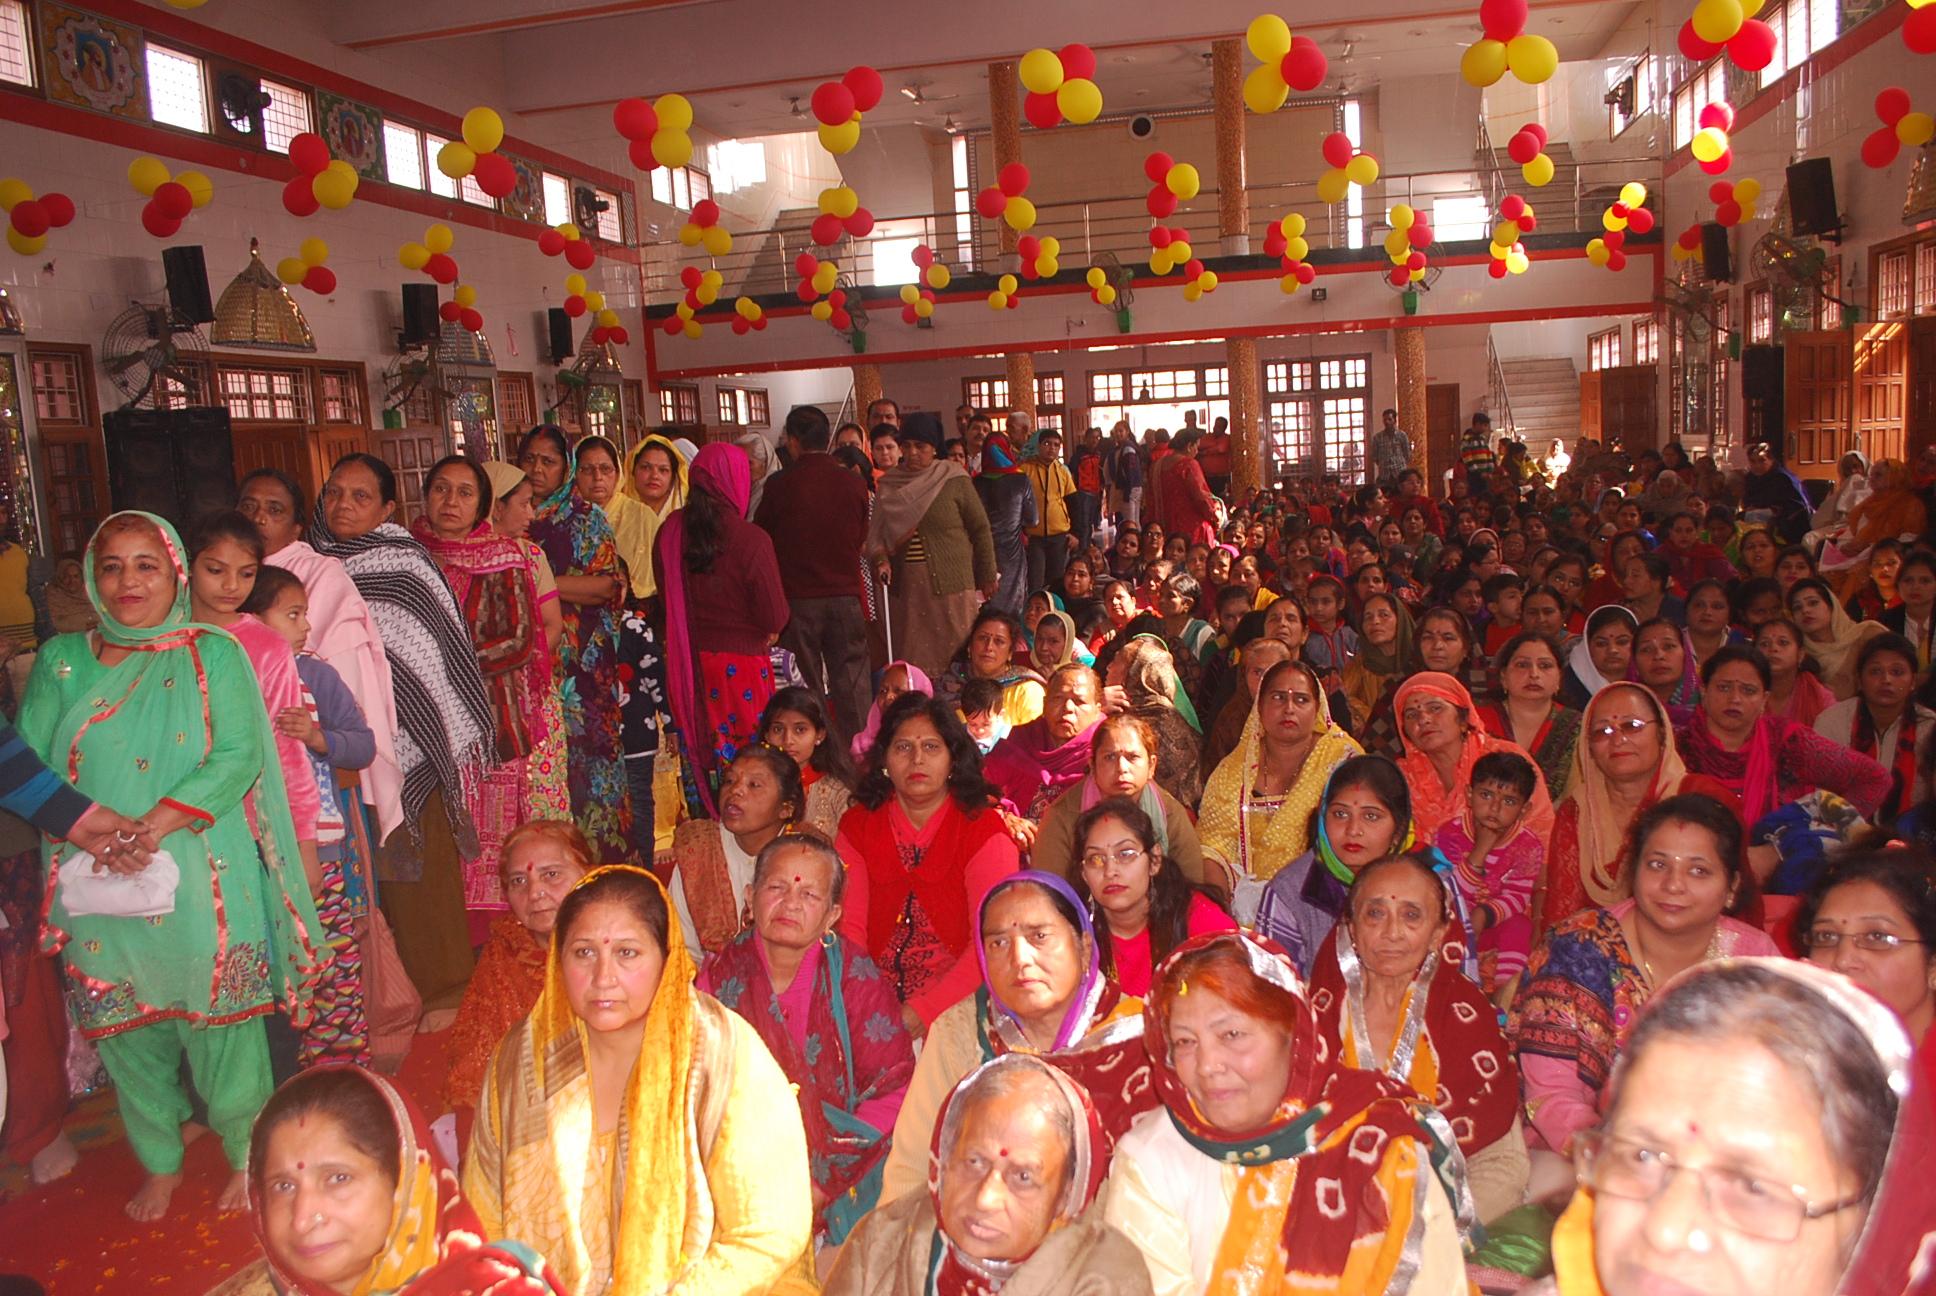 यमुनानगर में महंत द्वारका दास जी महाराज के जन्म दिवस पर आयोजित हुआ समारोह